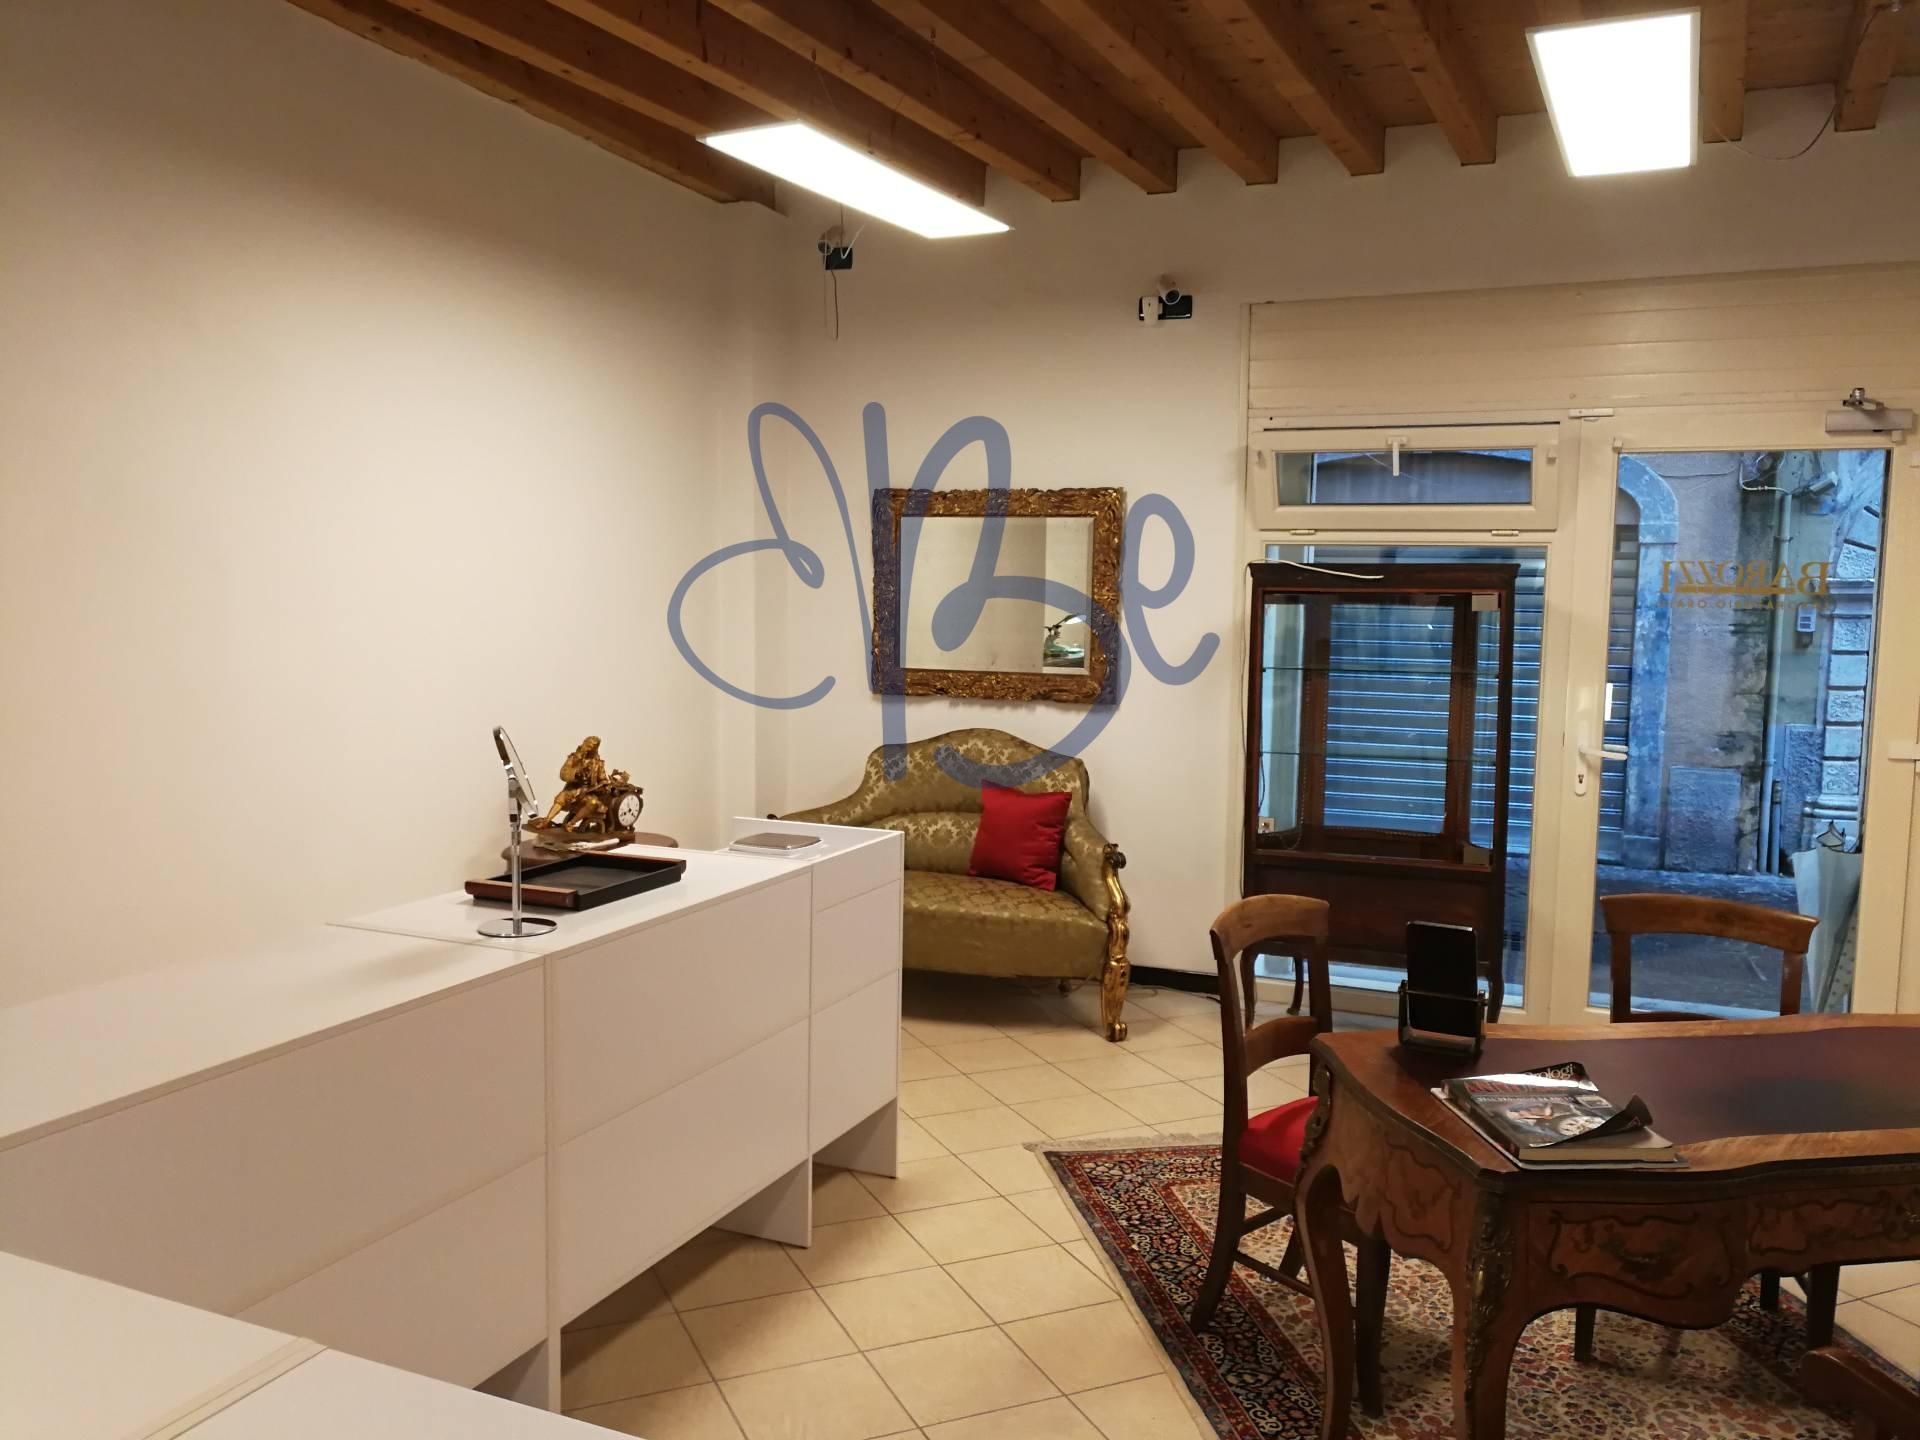 Negozio / Locale in affitto a Salò, 9999 locali, zona Località: Salò-Centro, prezzo € 500 | CambioCasa.it